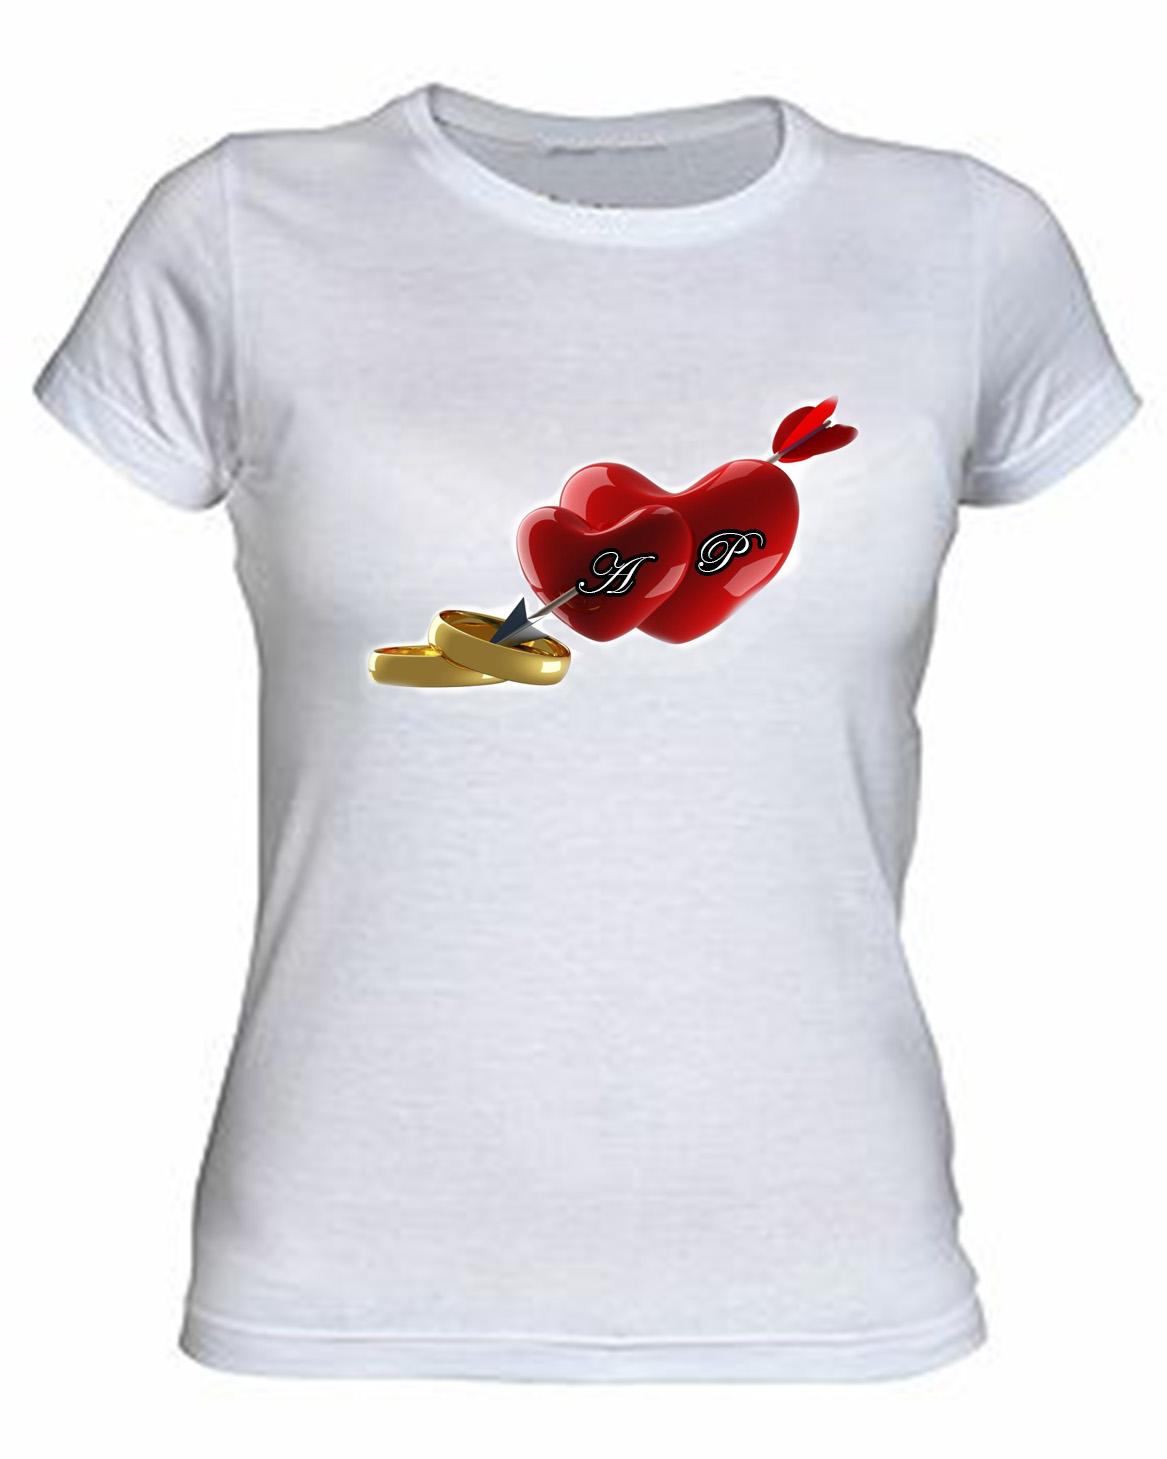 Camisetas Personalizadas - Fotografo en Bogota 98eadc9ef83ca